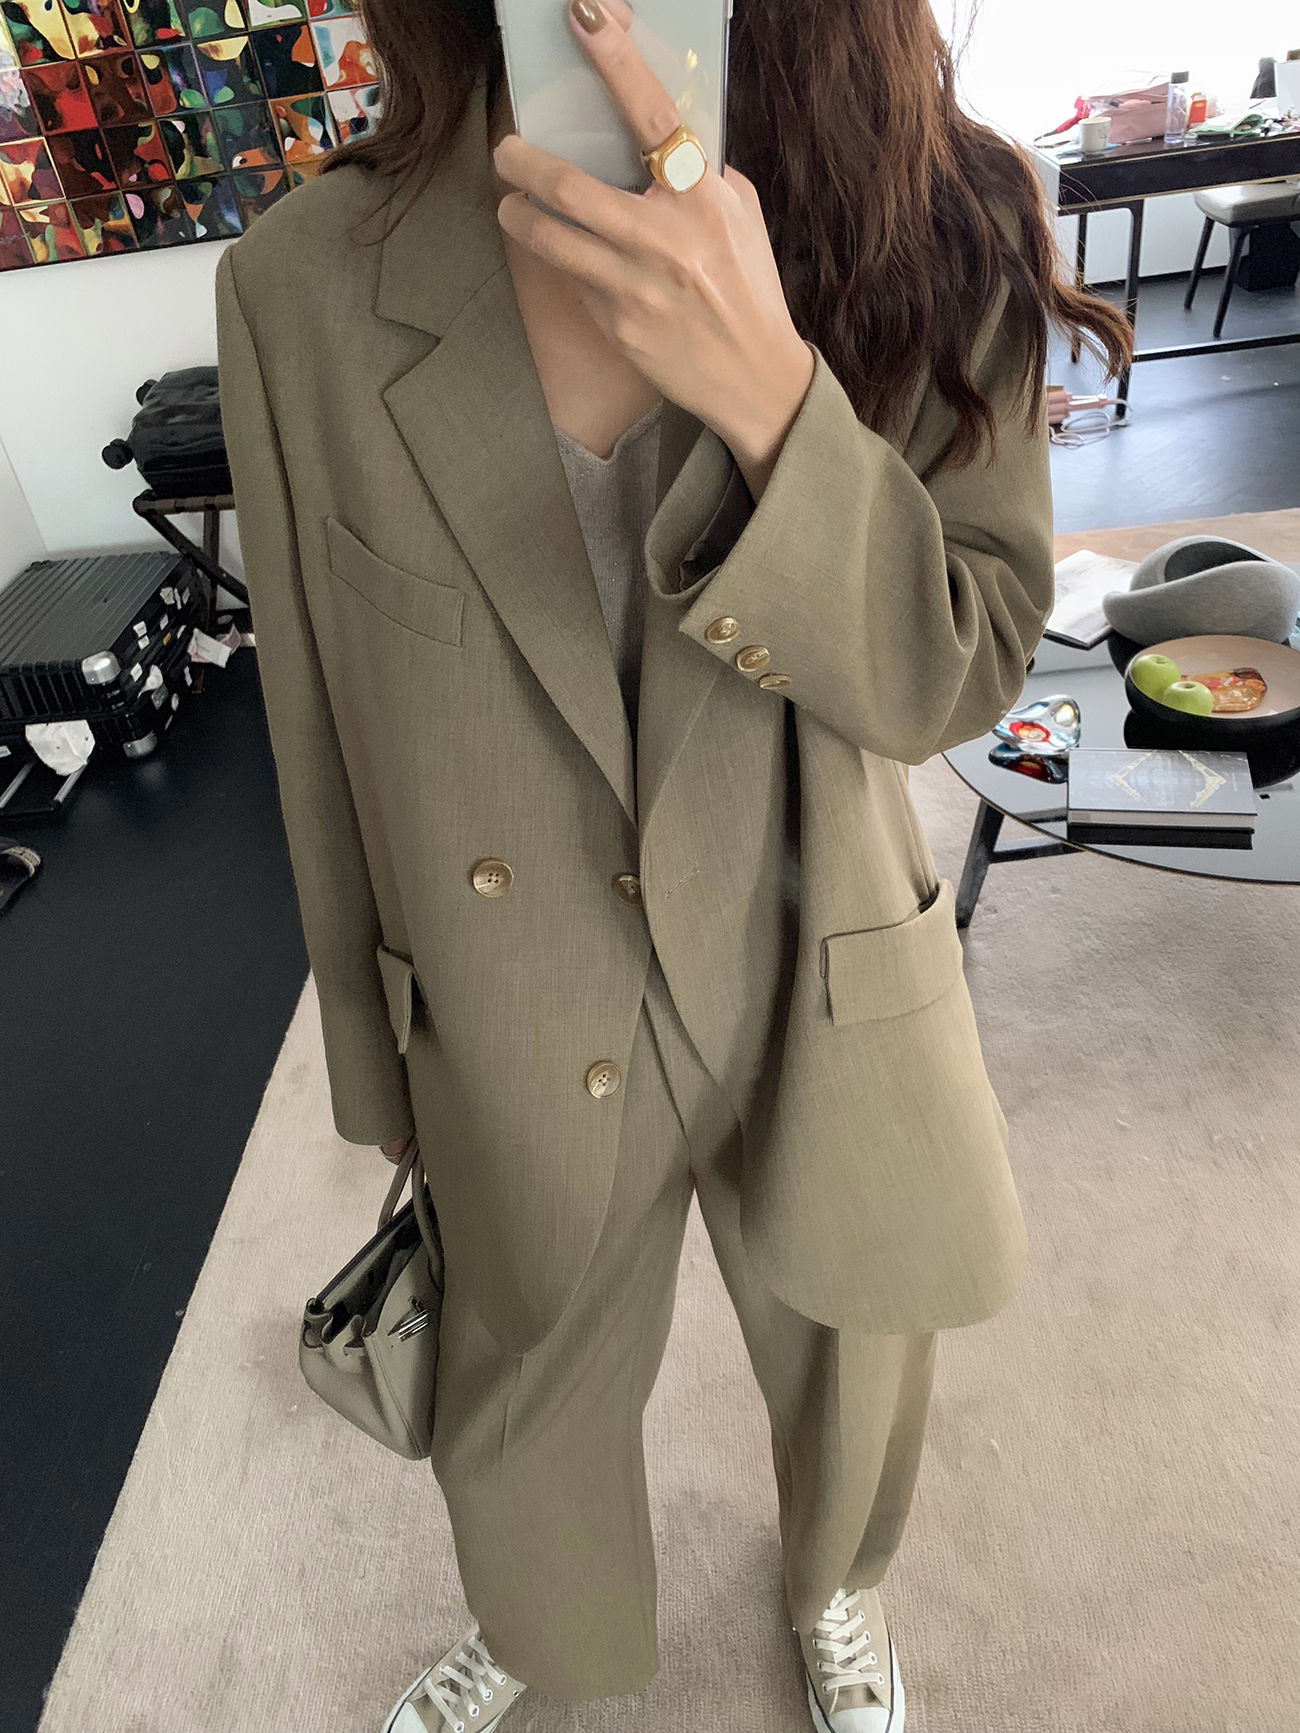 西装外套女春秋 垂感高腰阔腿裤 正暗纹套装 chao 时髦 ANNA ASM